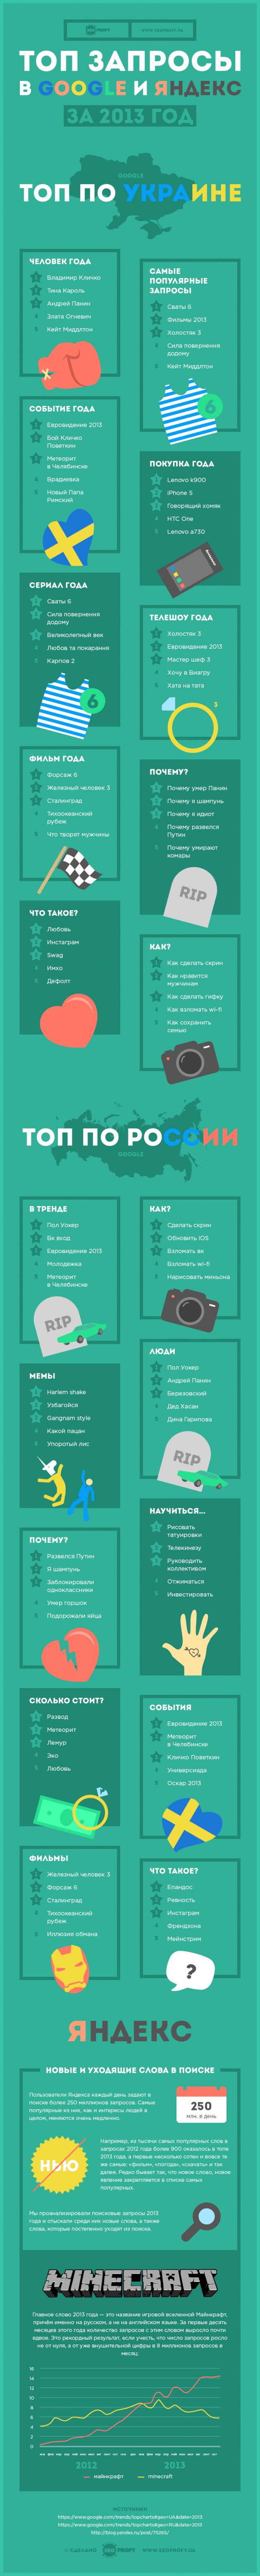 Инфографика: ТОП запросы Google и Яндекс в 2013 году